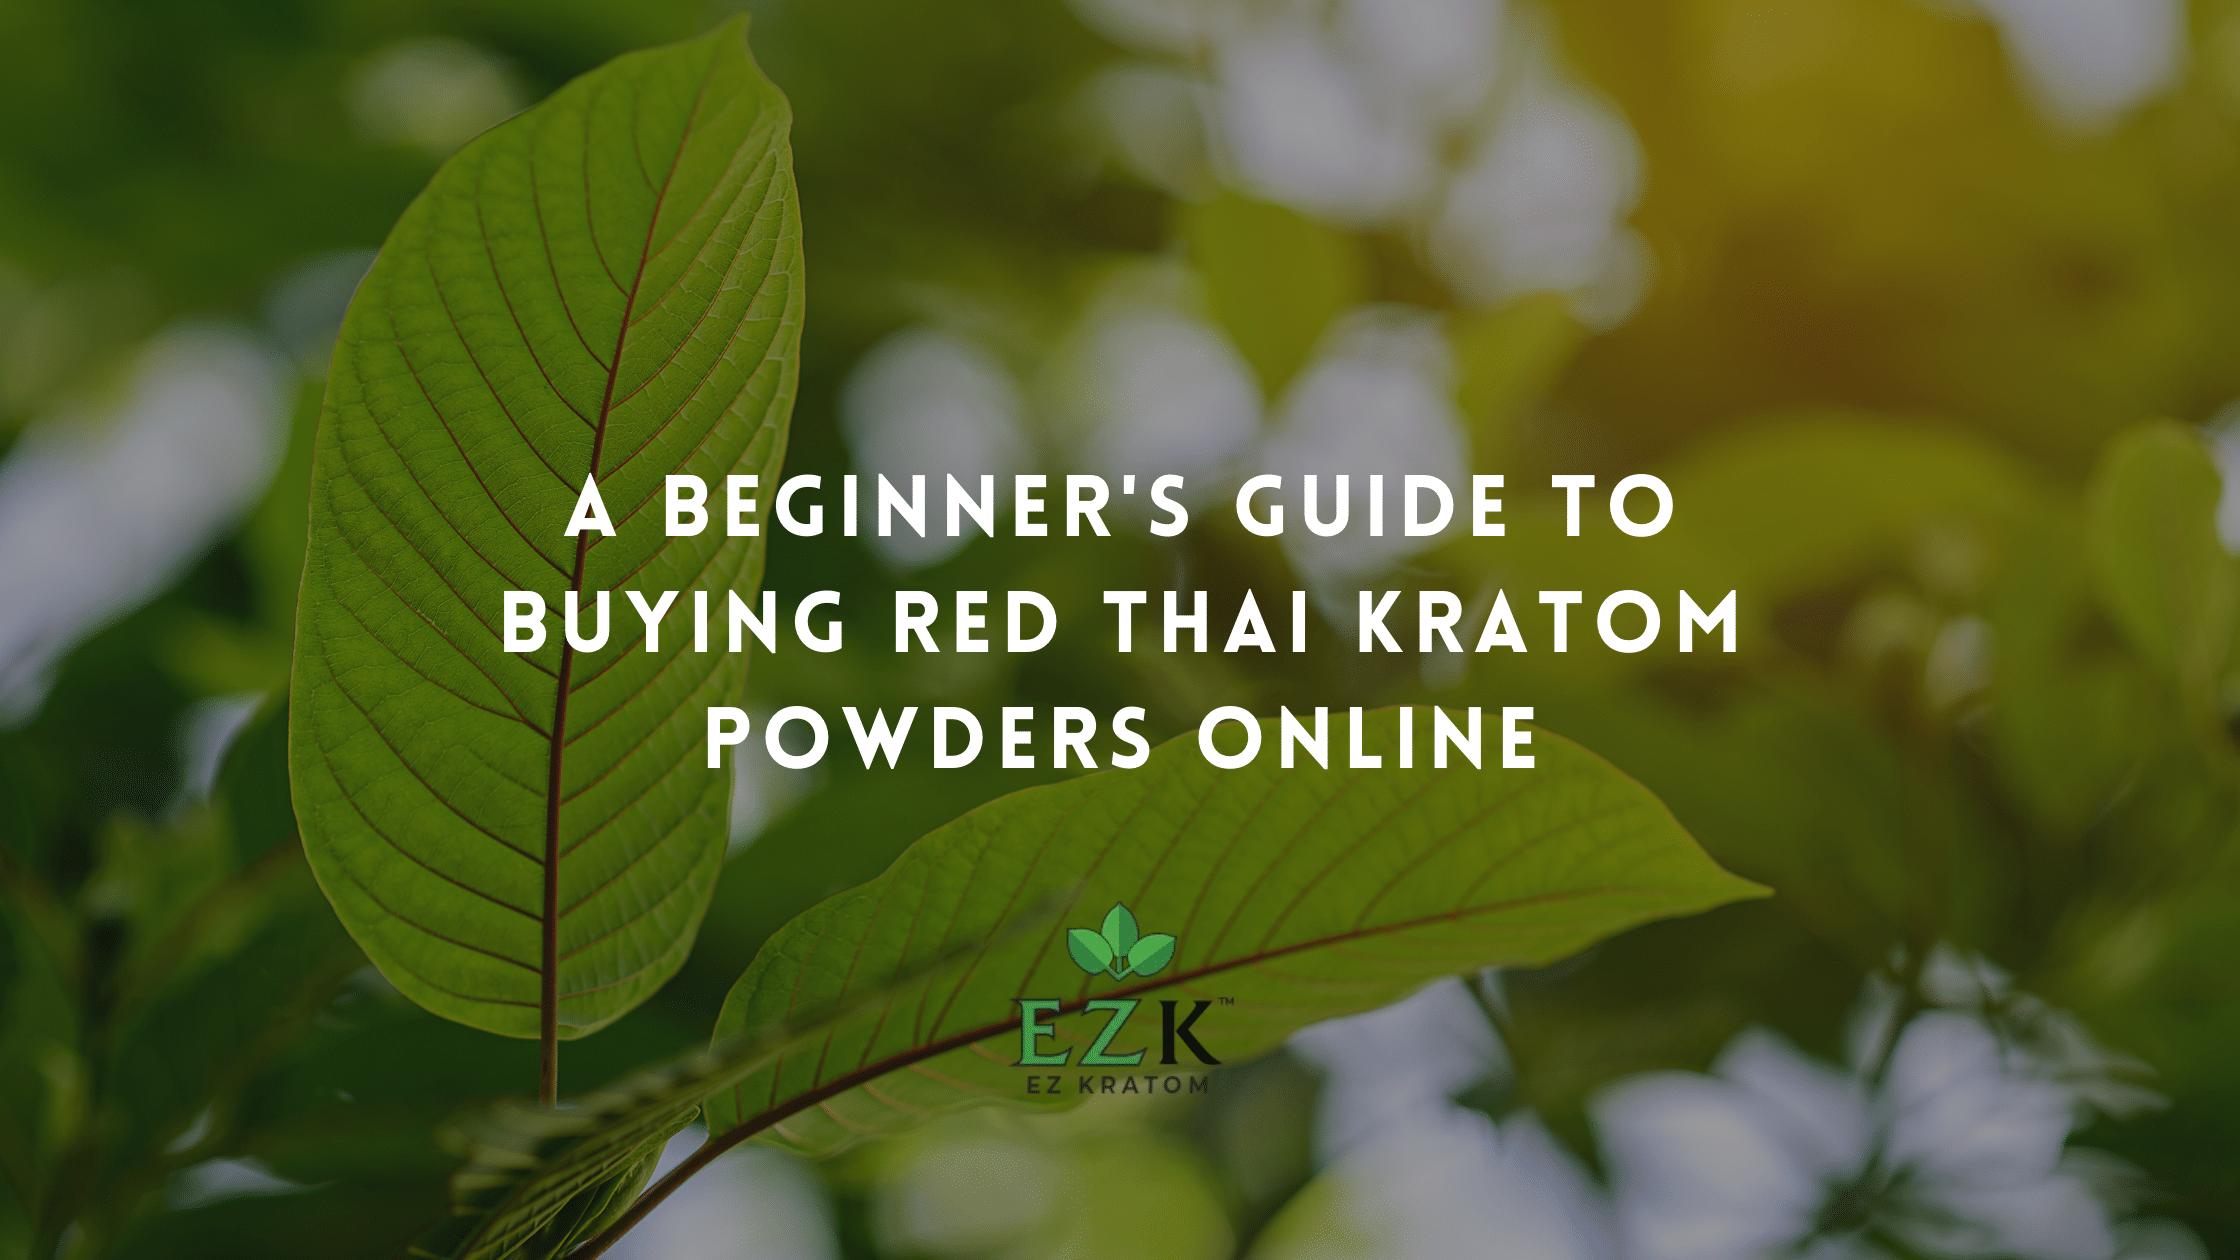 A Beginner's Guide to Buying Red Thai Kratom Powders Online | EZ Kratom Wholesale